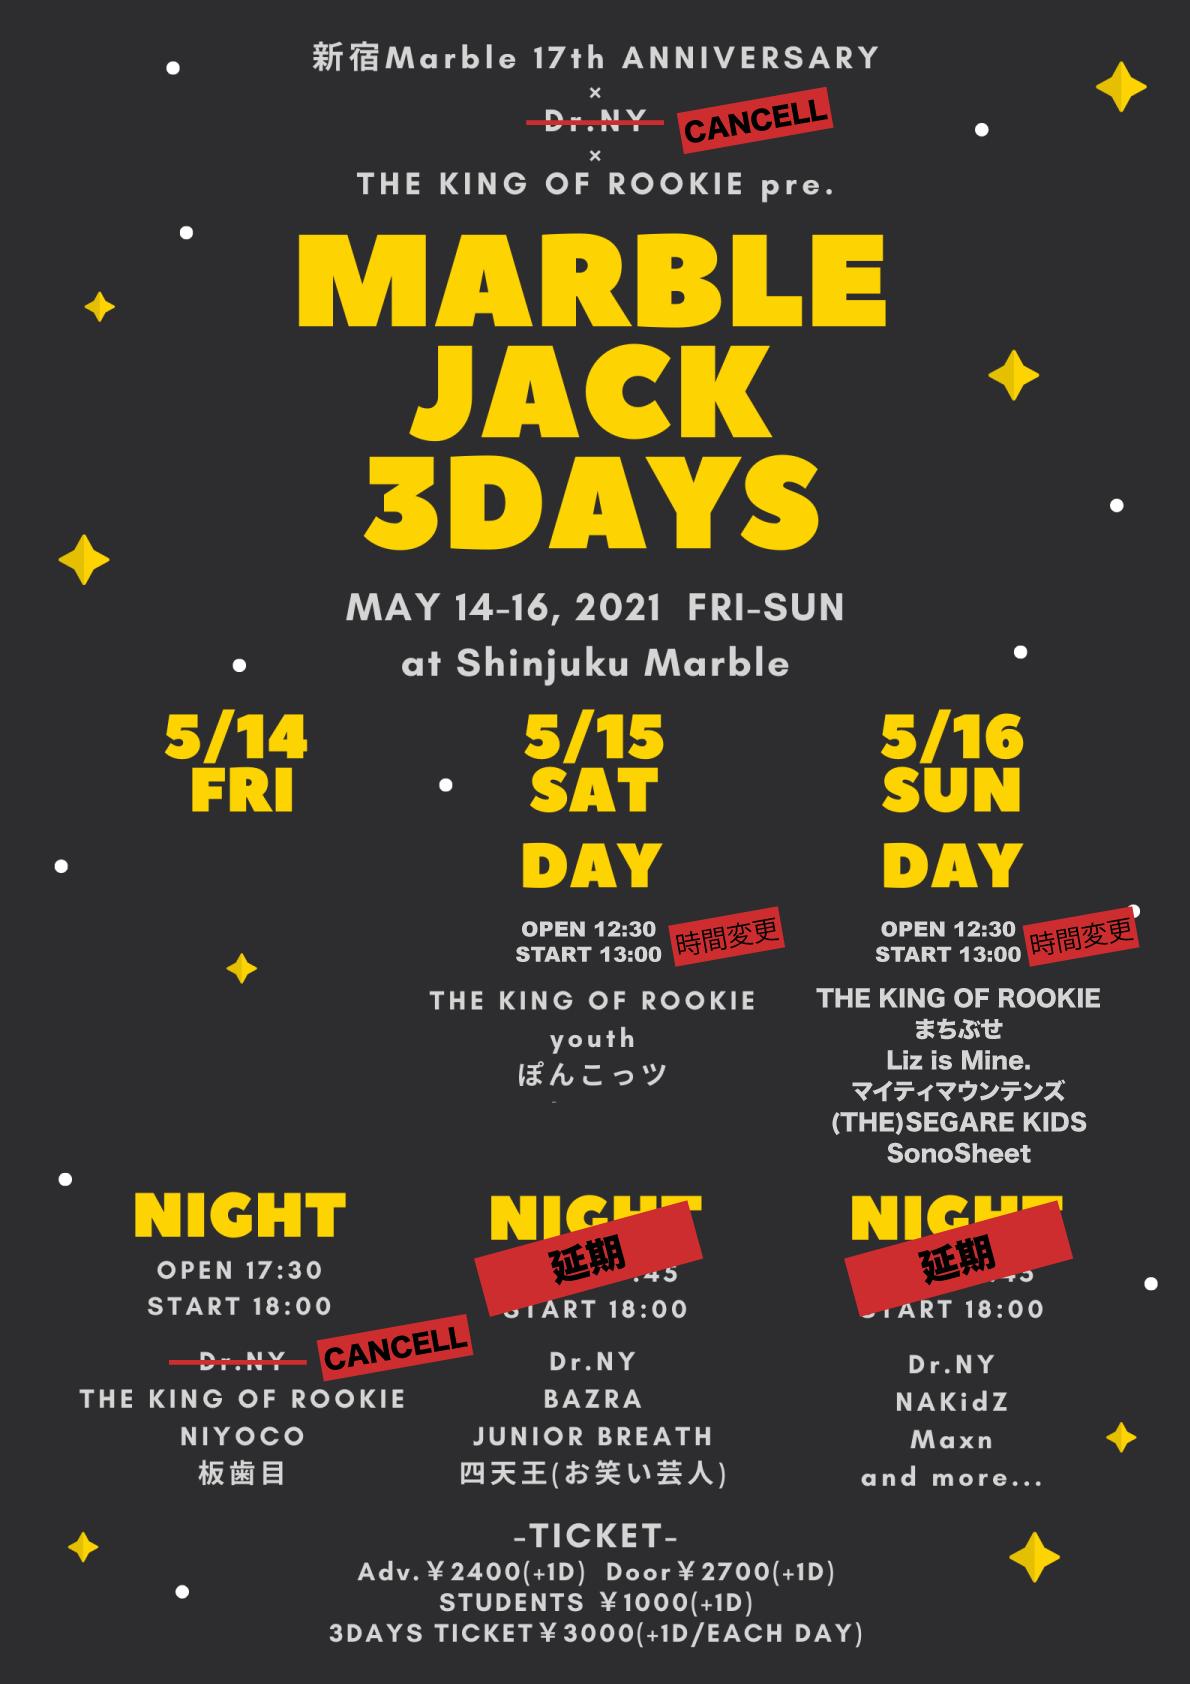 新宿Marble 17th ANNIVERSARY×THE KING OF ROOKIE pre.「MARBLE JACK 3DAYS」-DAY3 DAY TIME-